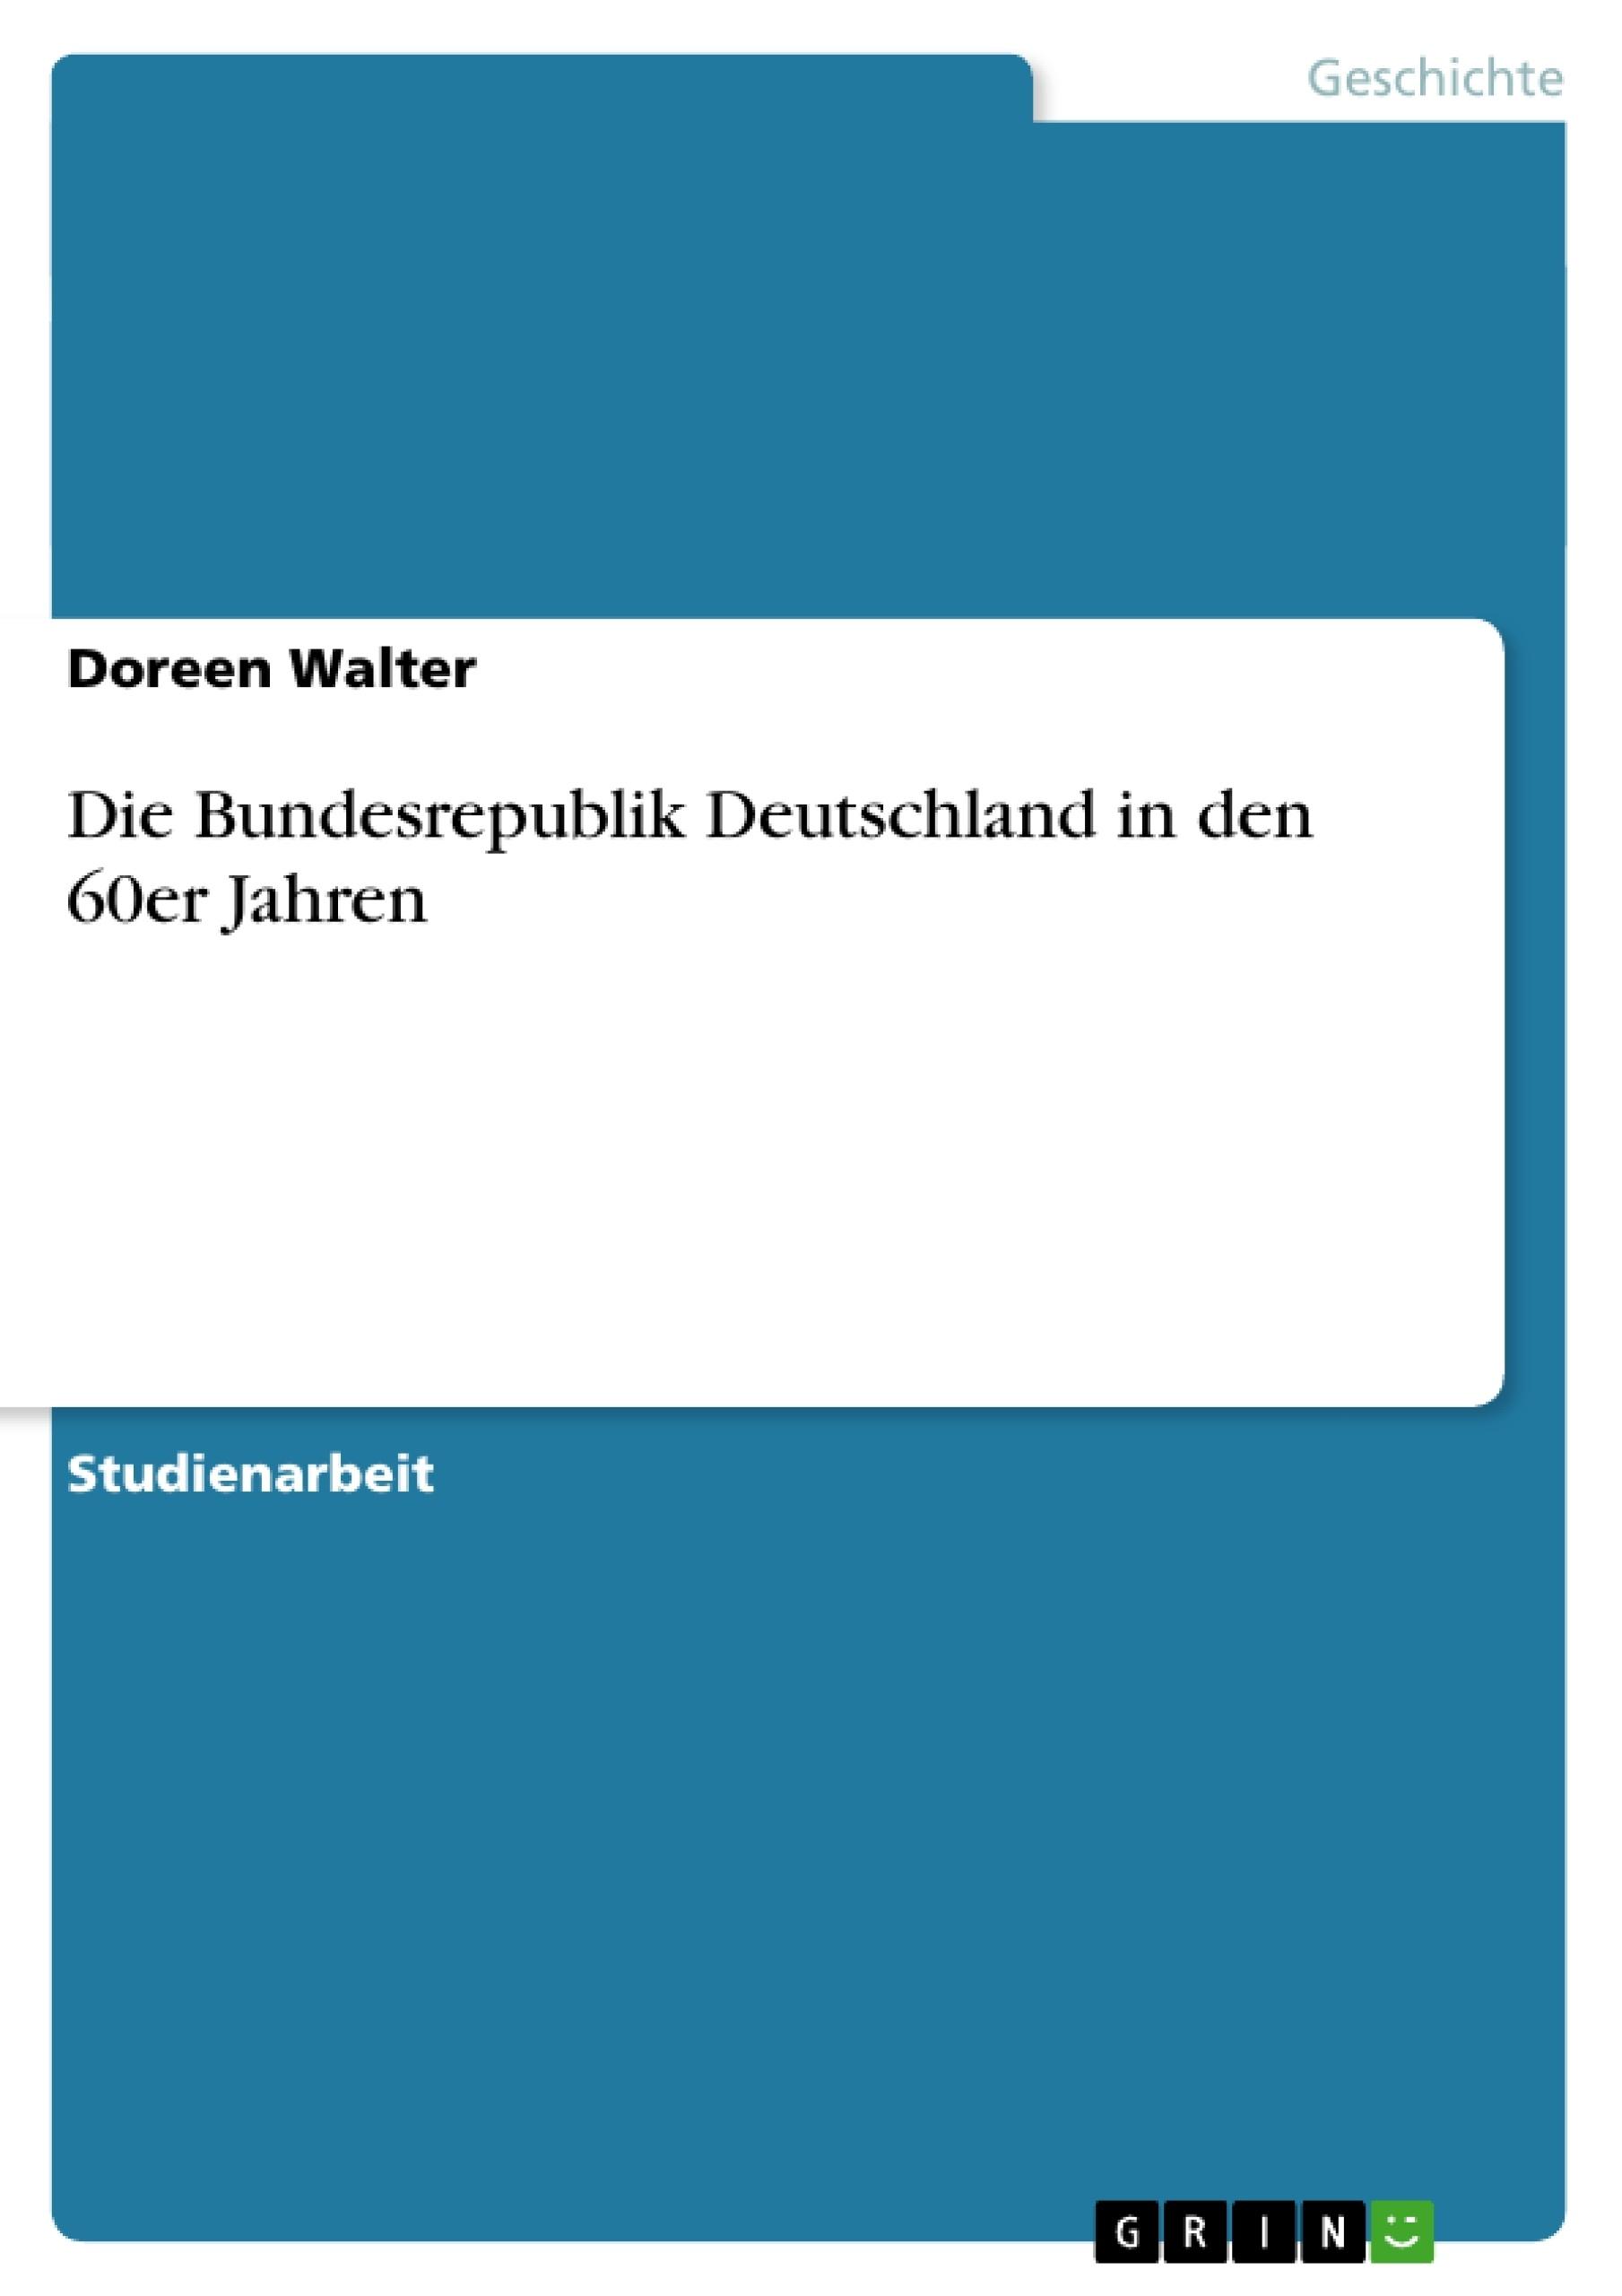 Titel: Die Bundesrepublik Deutschland in den 60er Jahren